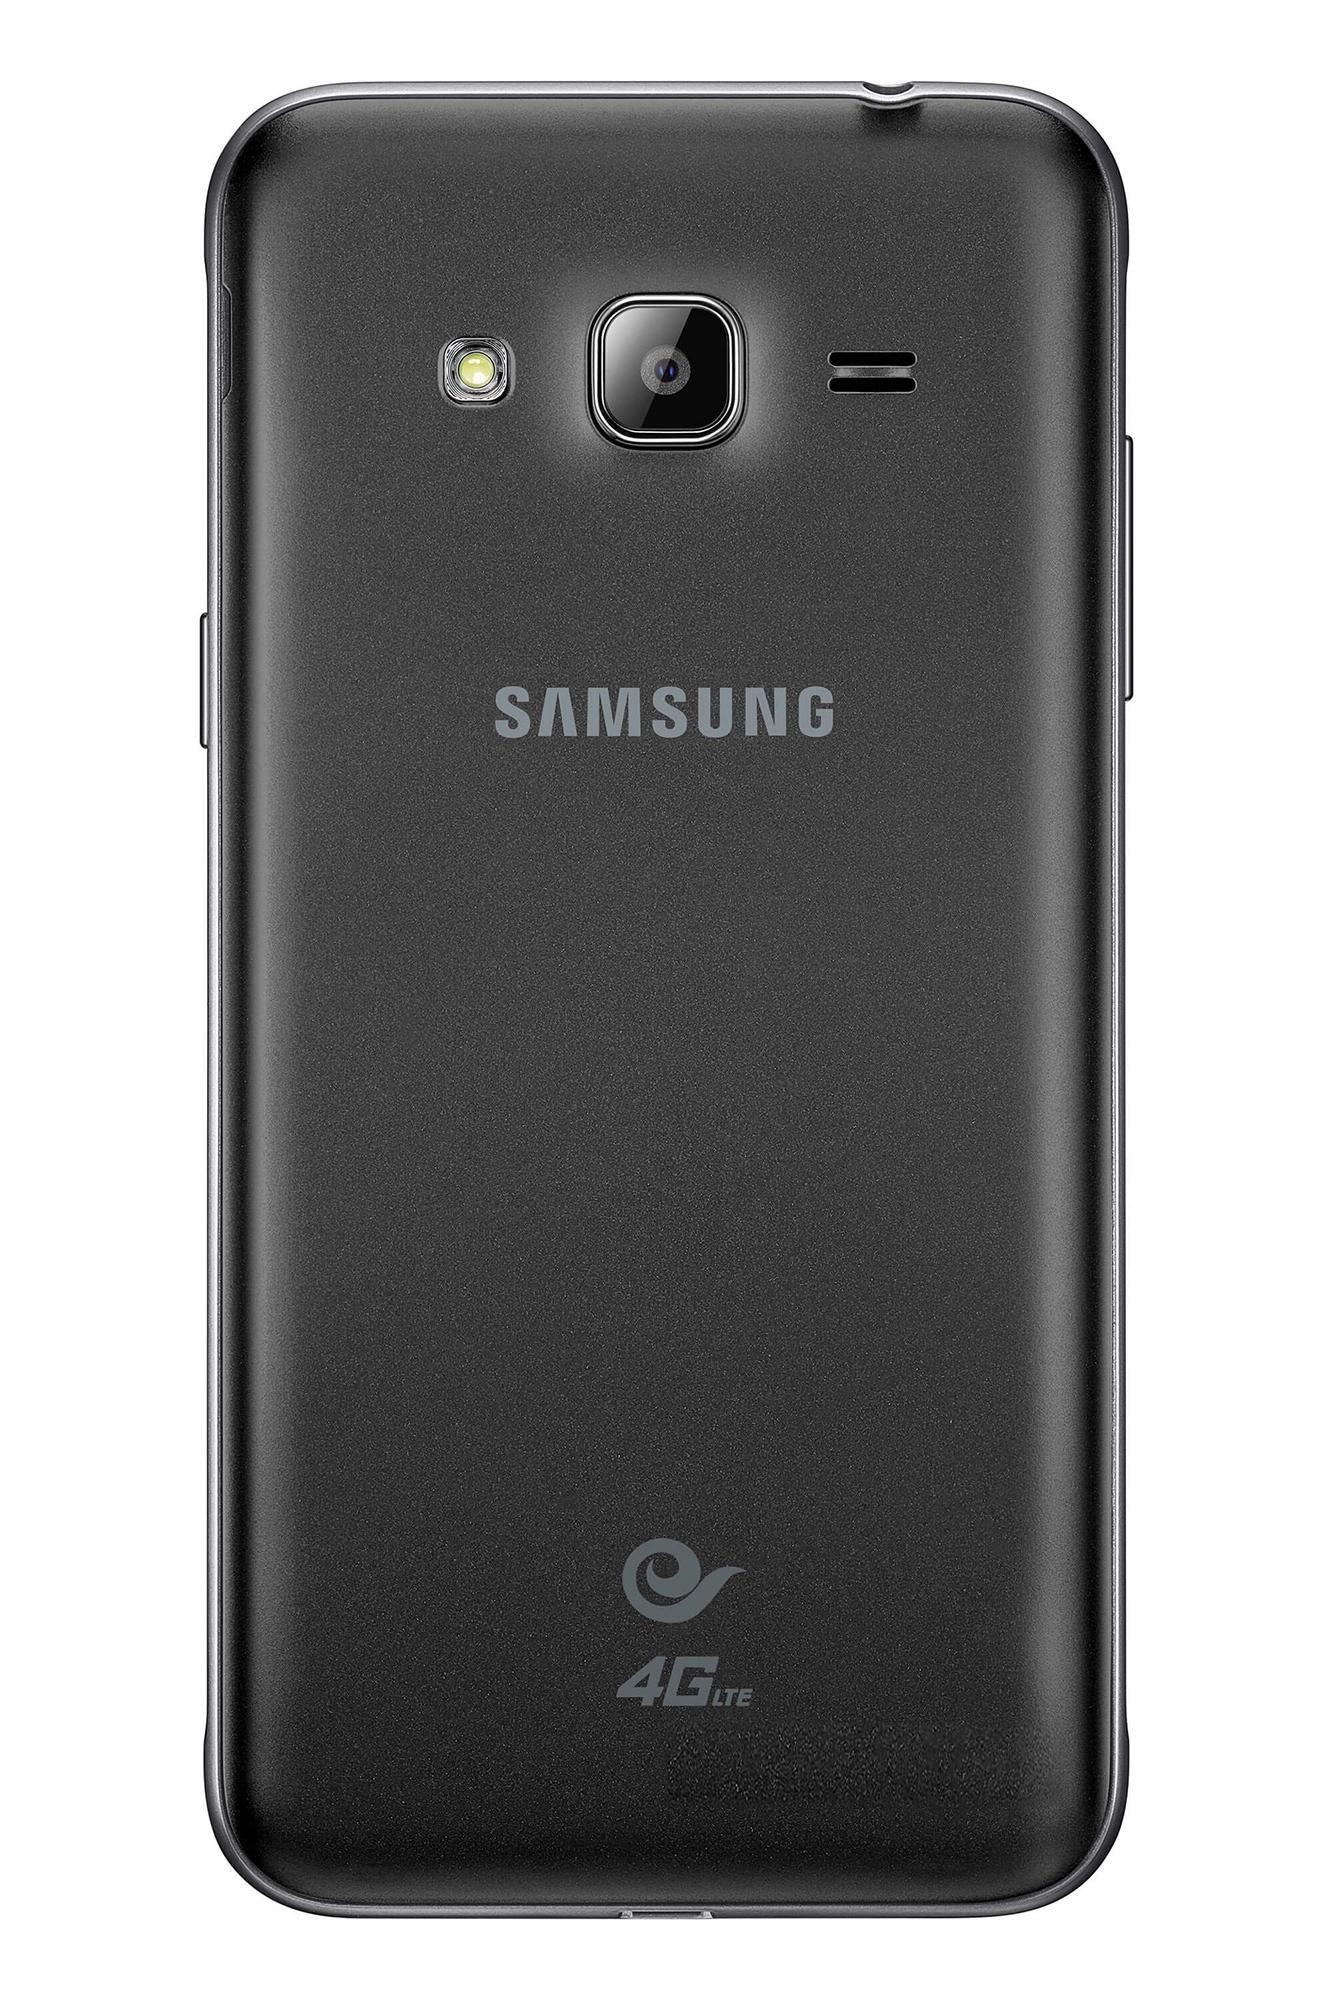 Samsung Galaxy J3 versión 2016 detalle de la cámara